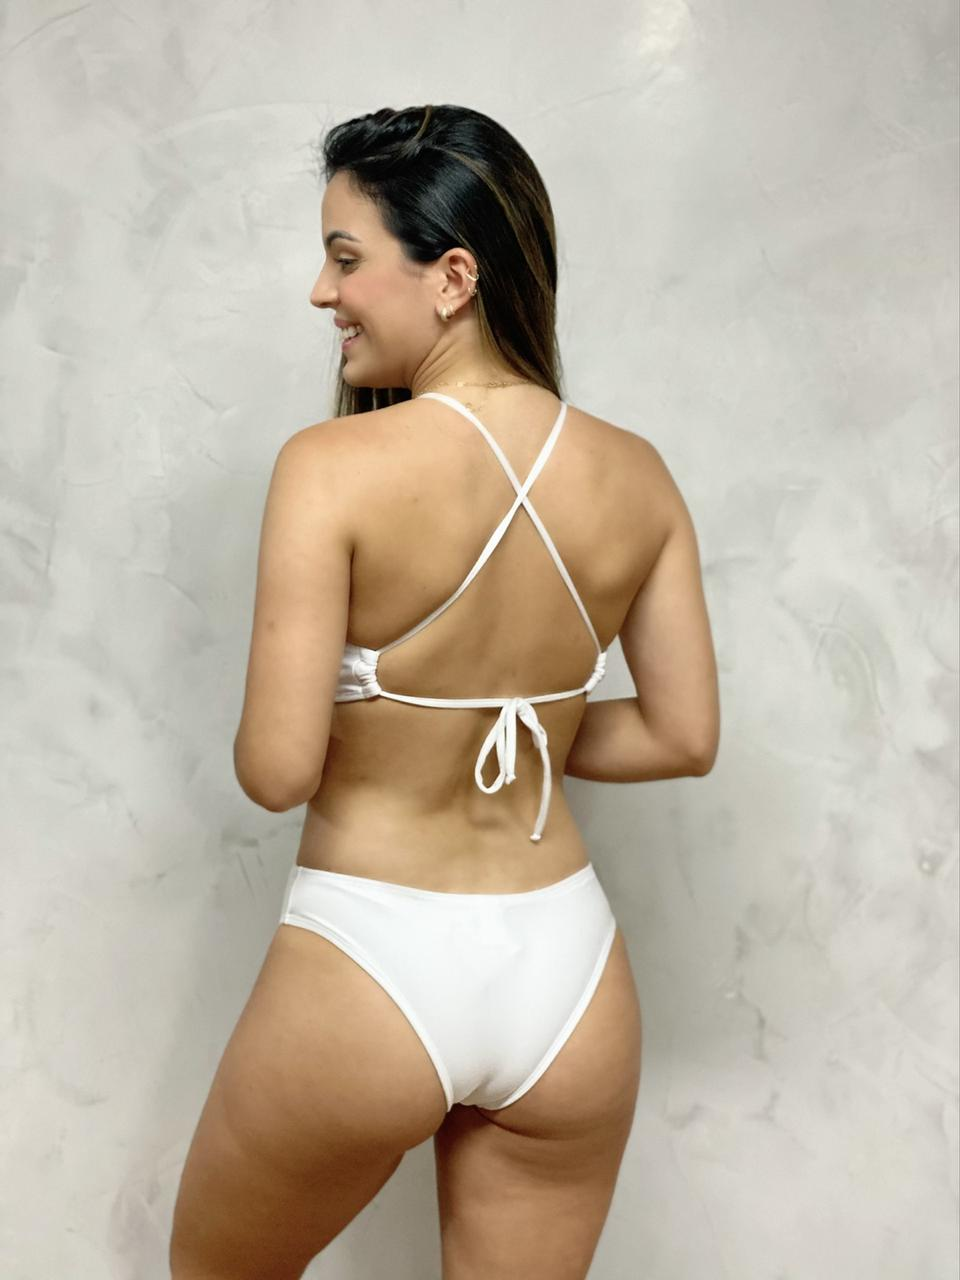 Maiô Body Decote Acessório Branco   - RMCE BRAZIL